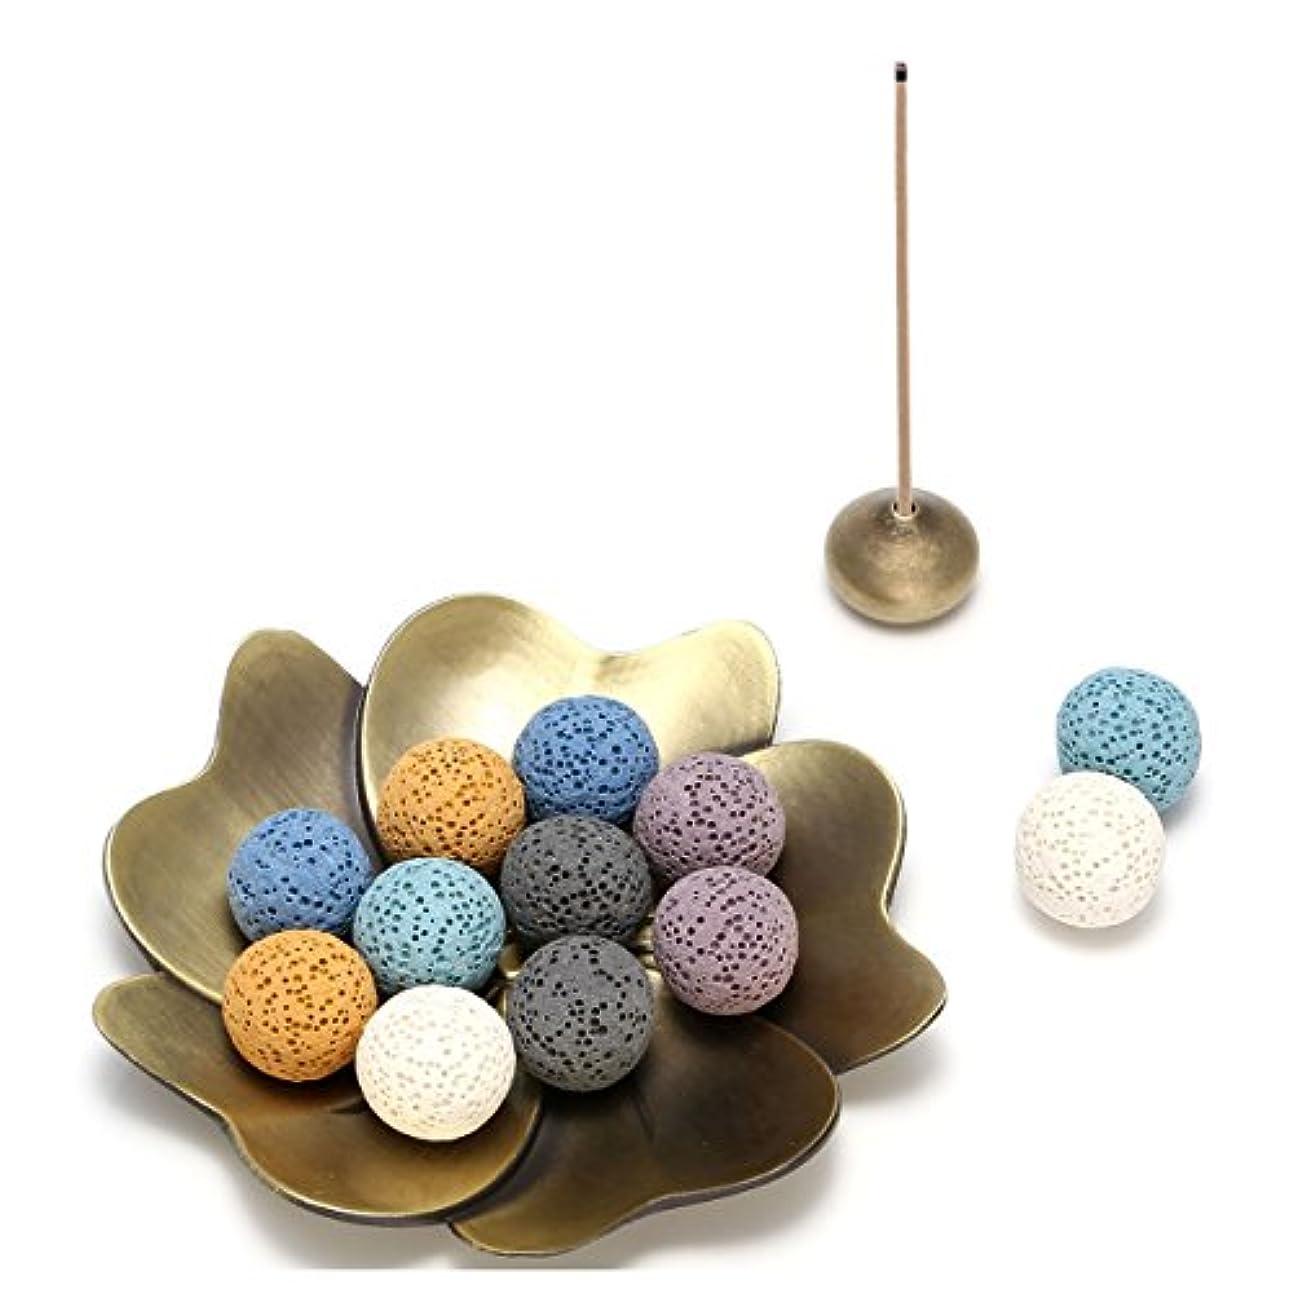 血統機関死の顎(Lava Stone Ball Beads) - Jovivi 14 pcs Lava Stone Beads for Essential Oils W/Sakura Brass Incense Burner Stick...